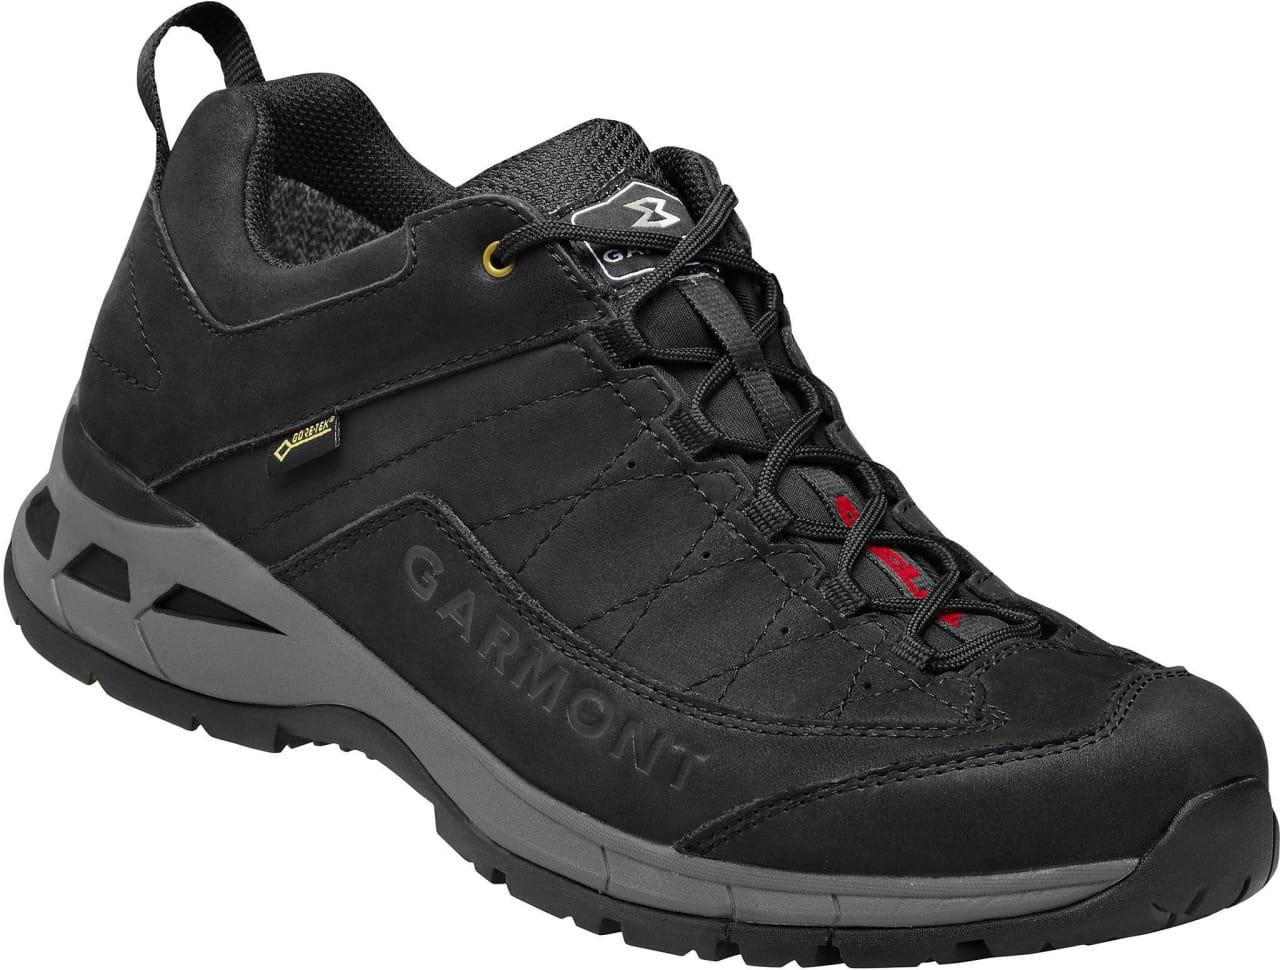 Pánská outdoorová obuv Garmont Trail Beast + Gtx